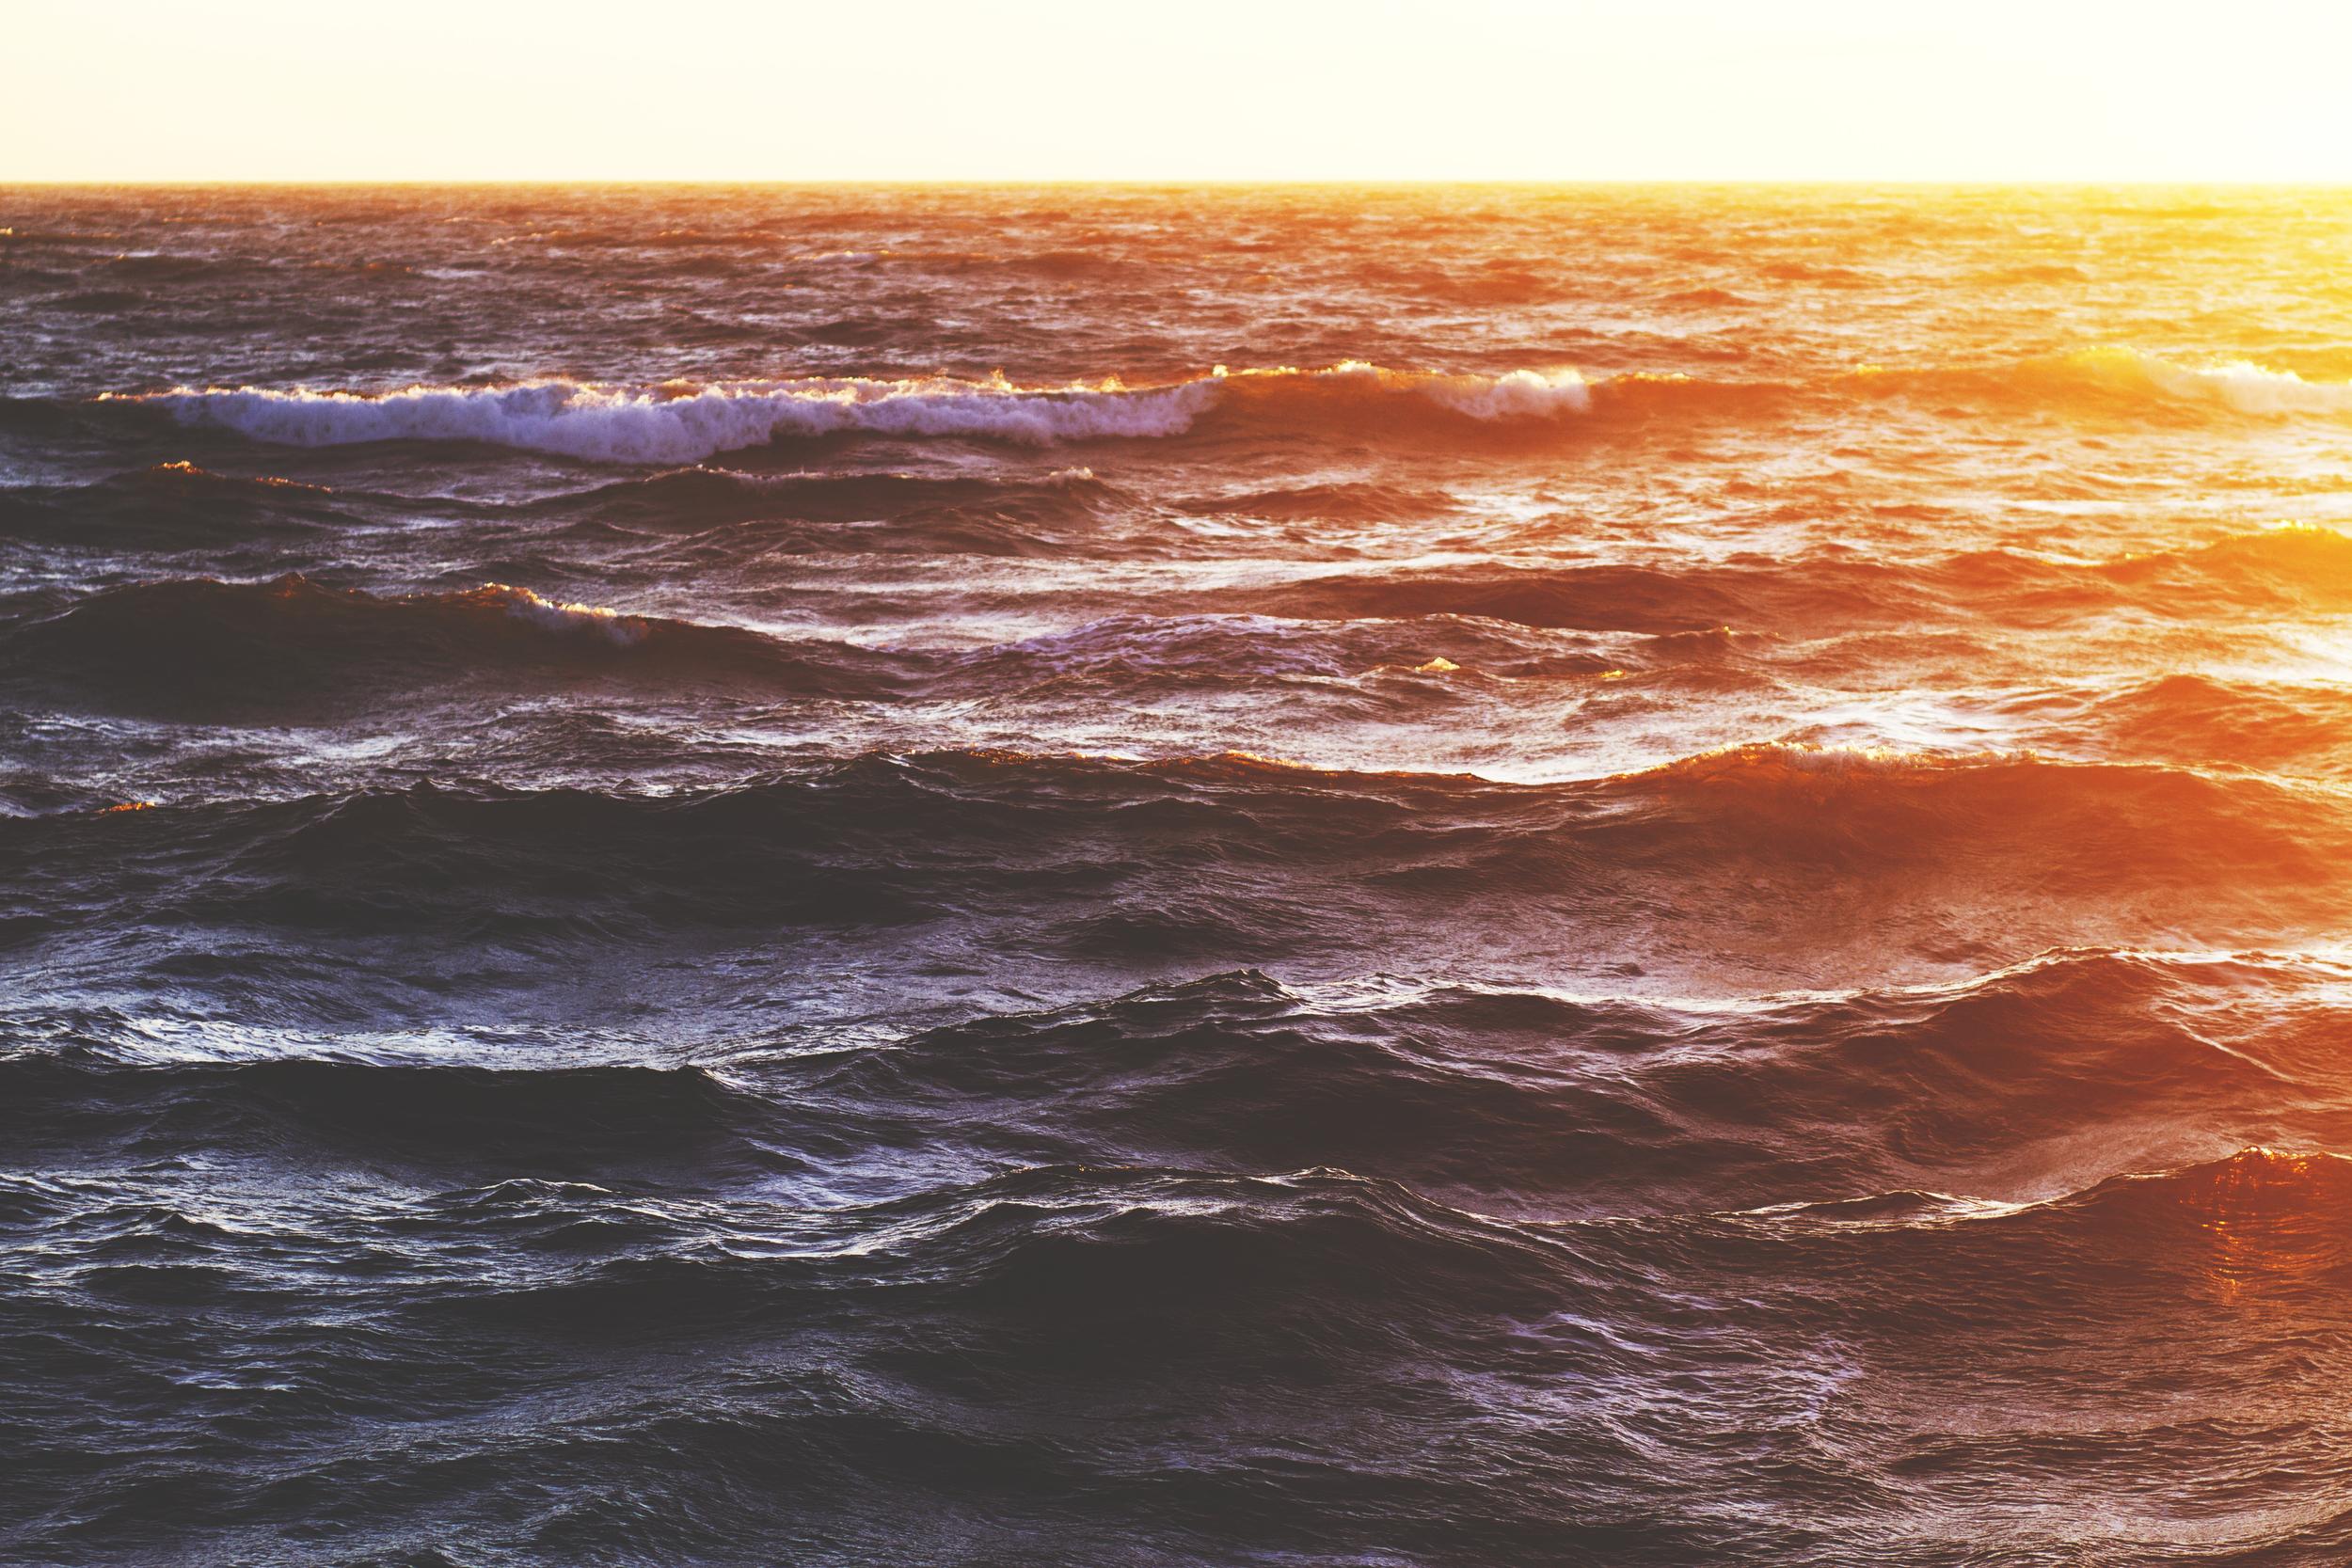 waves #02.jpg